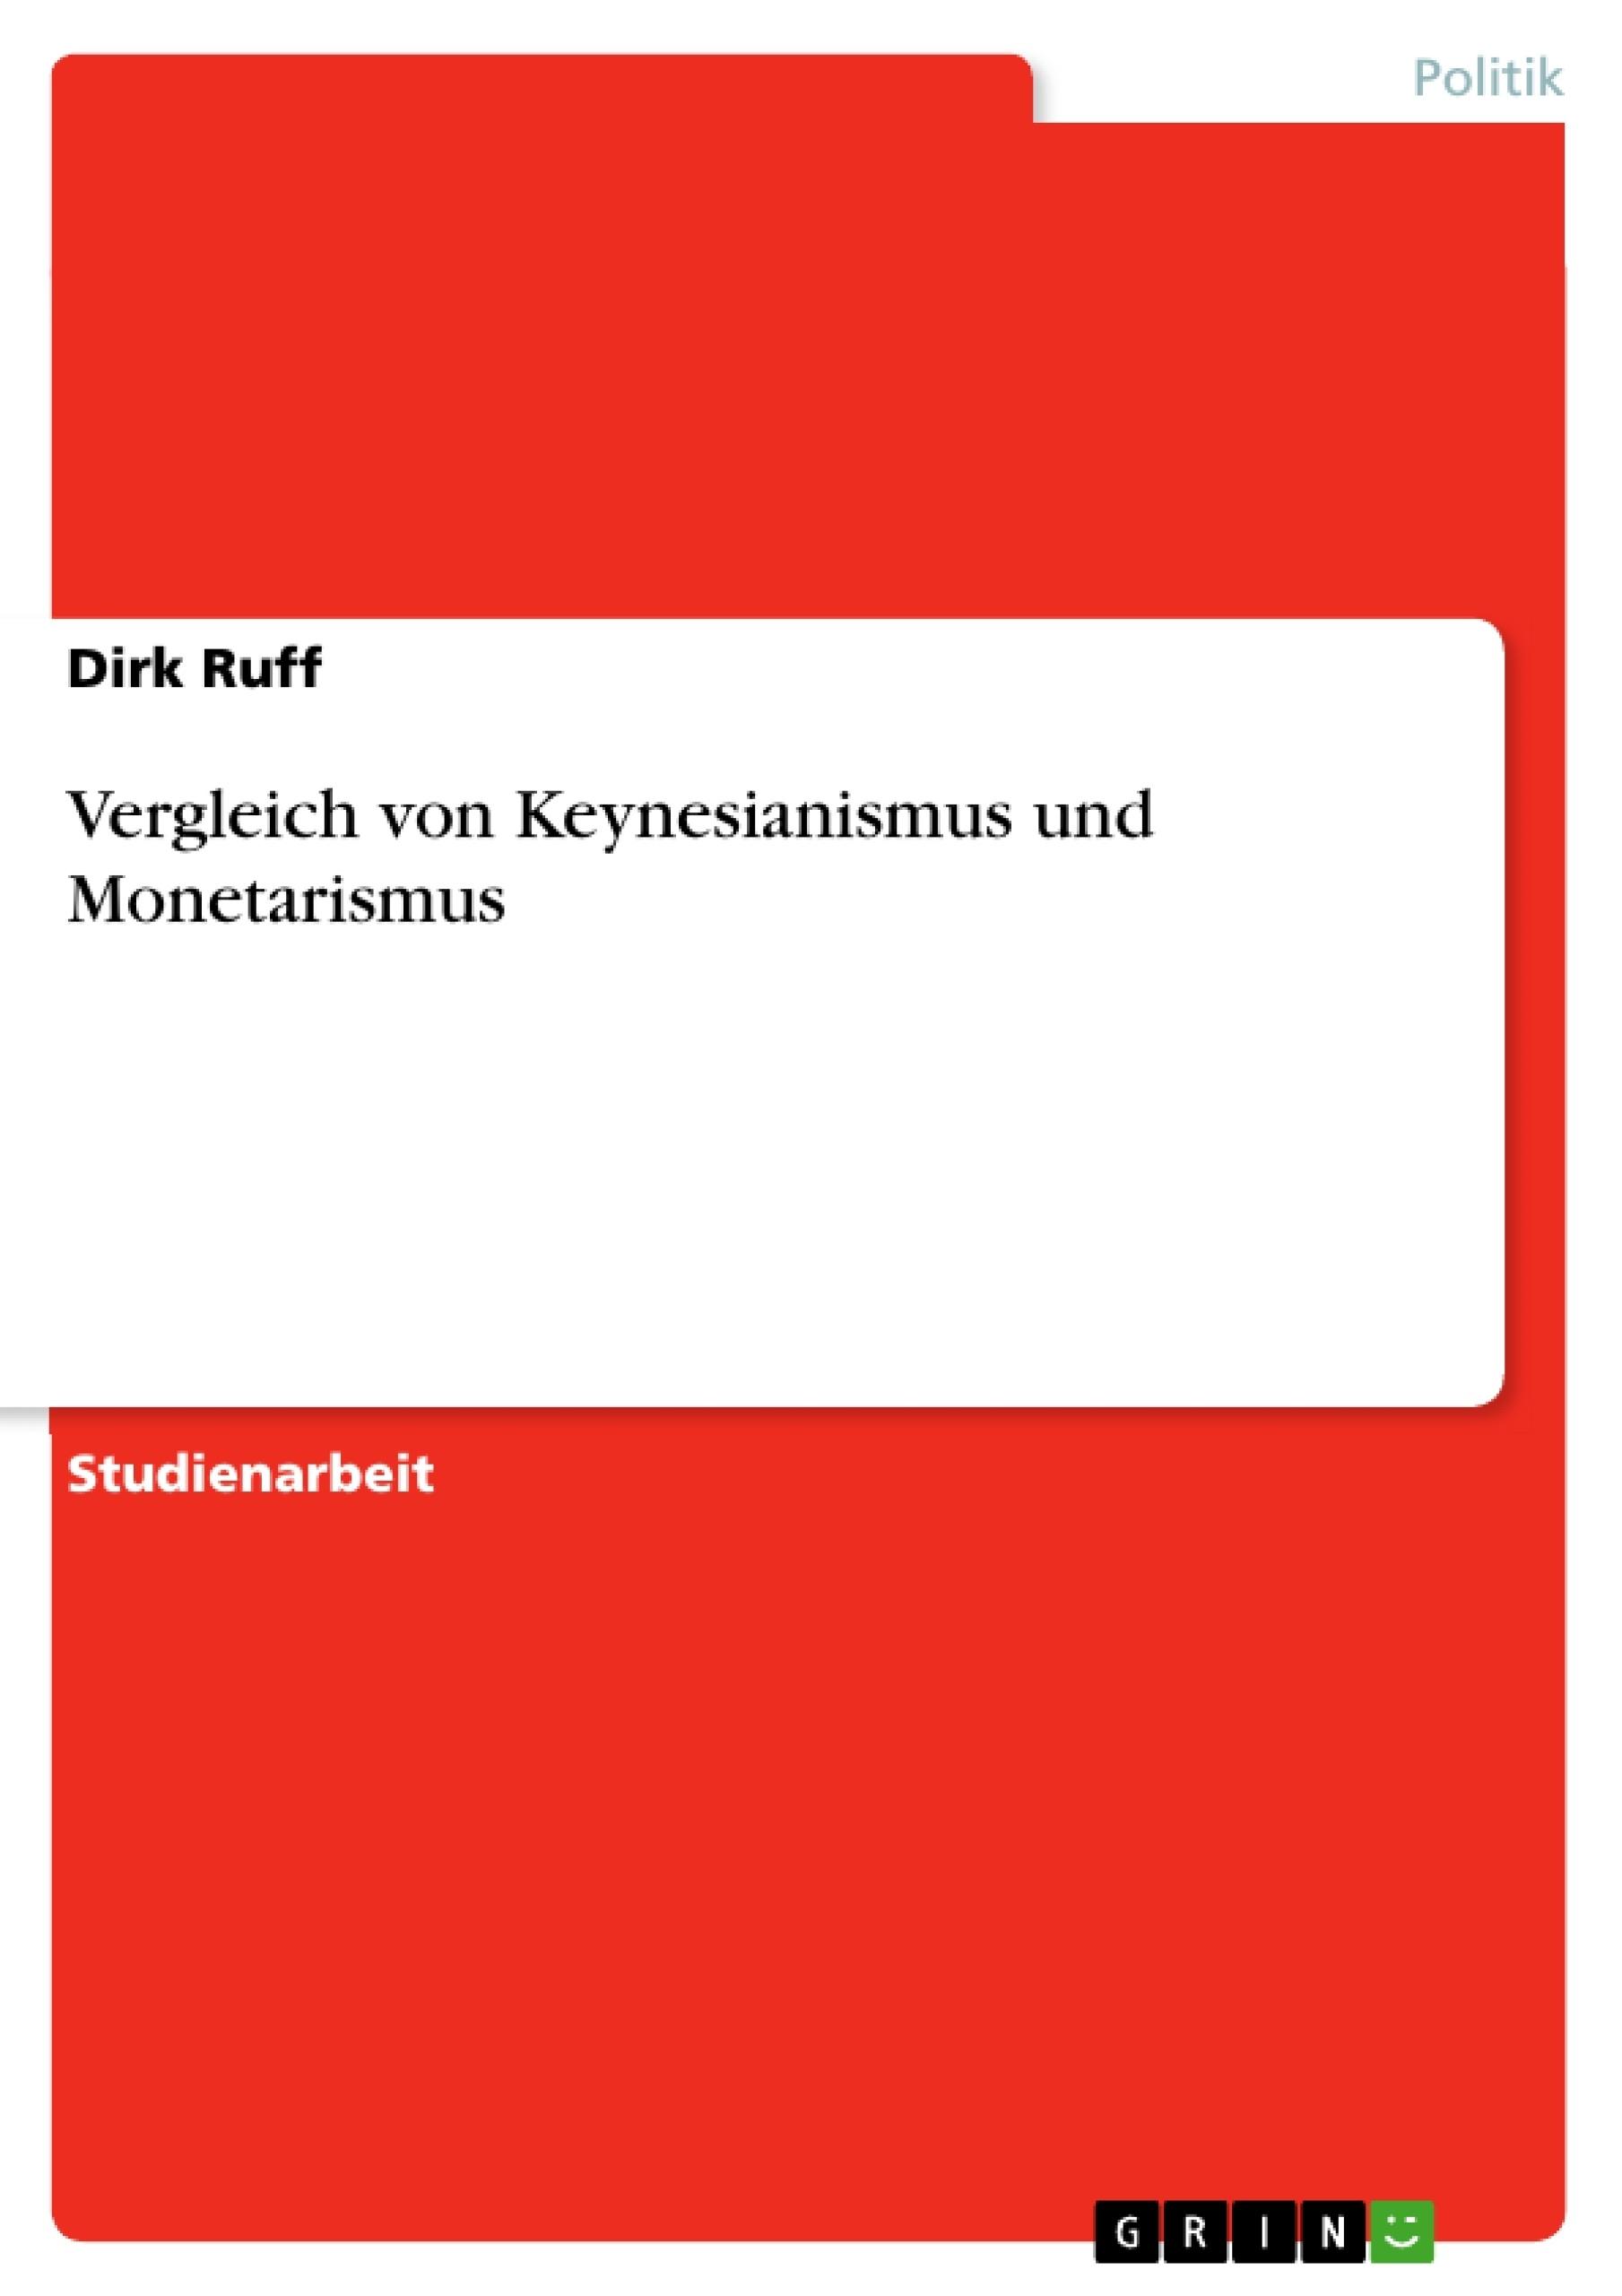 Titel: Vergleich von Keynesianismus und Monetarismus